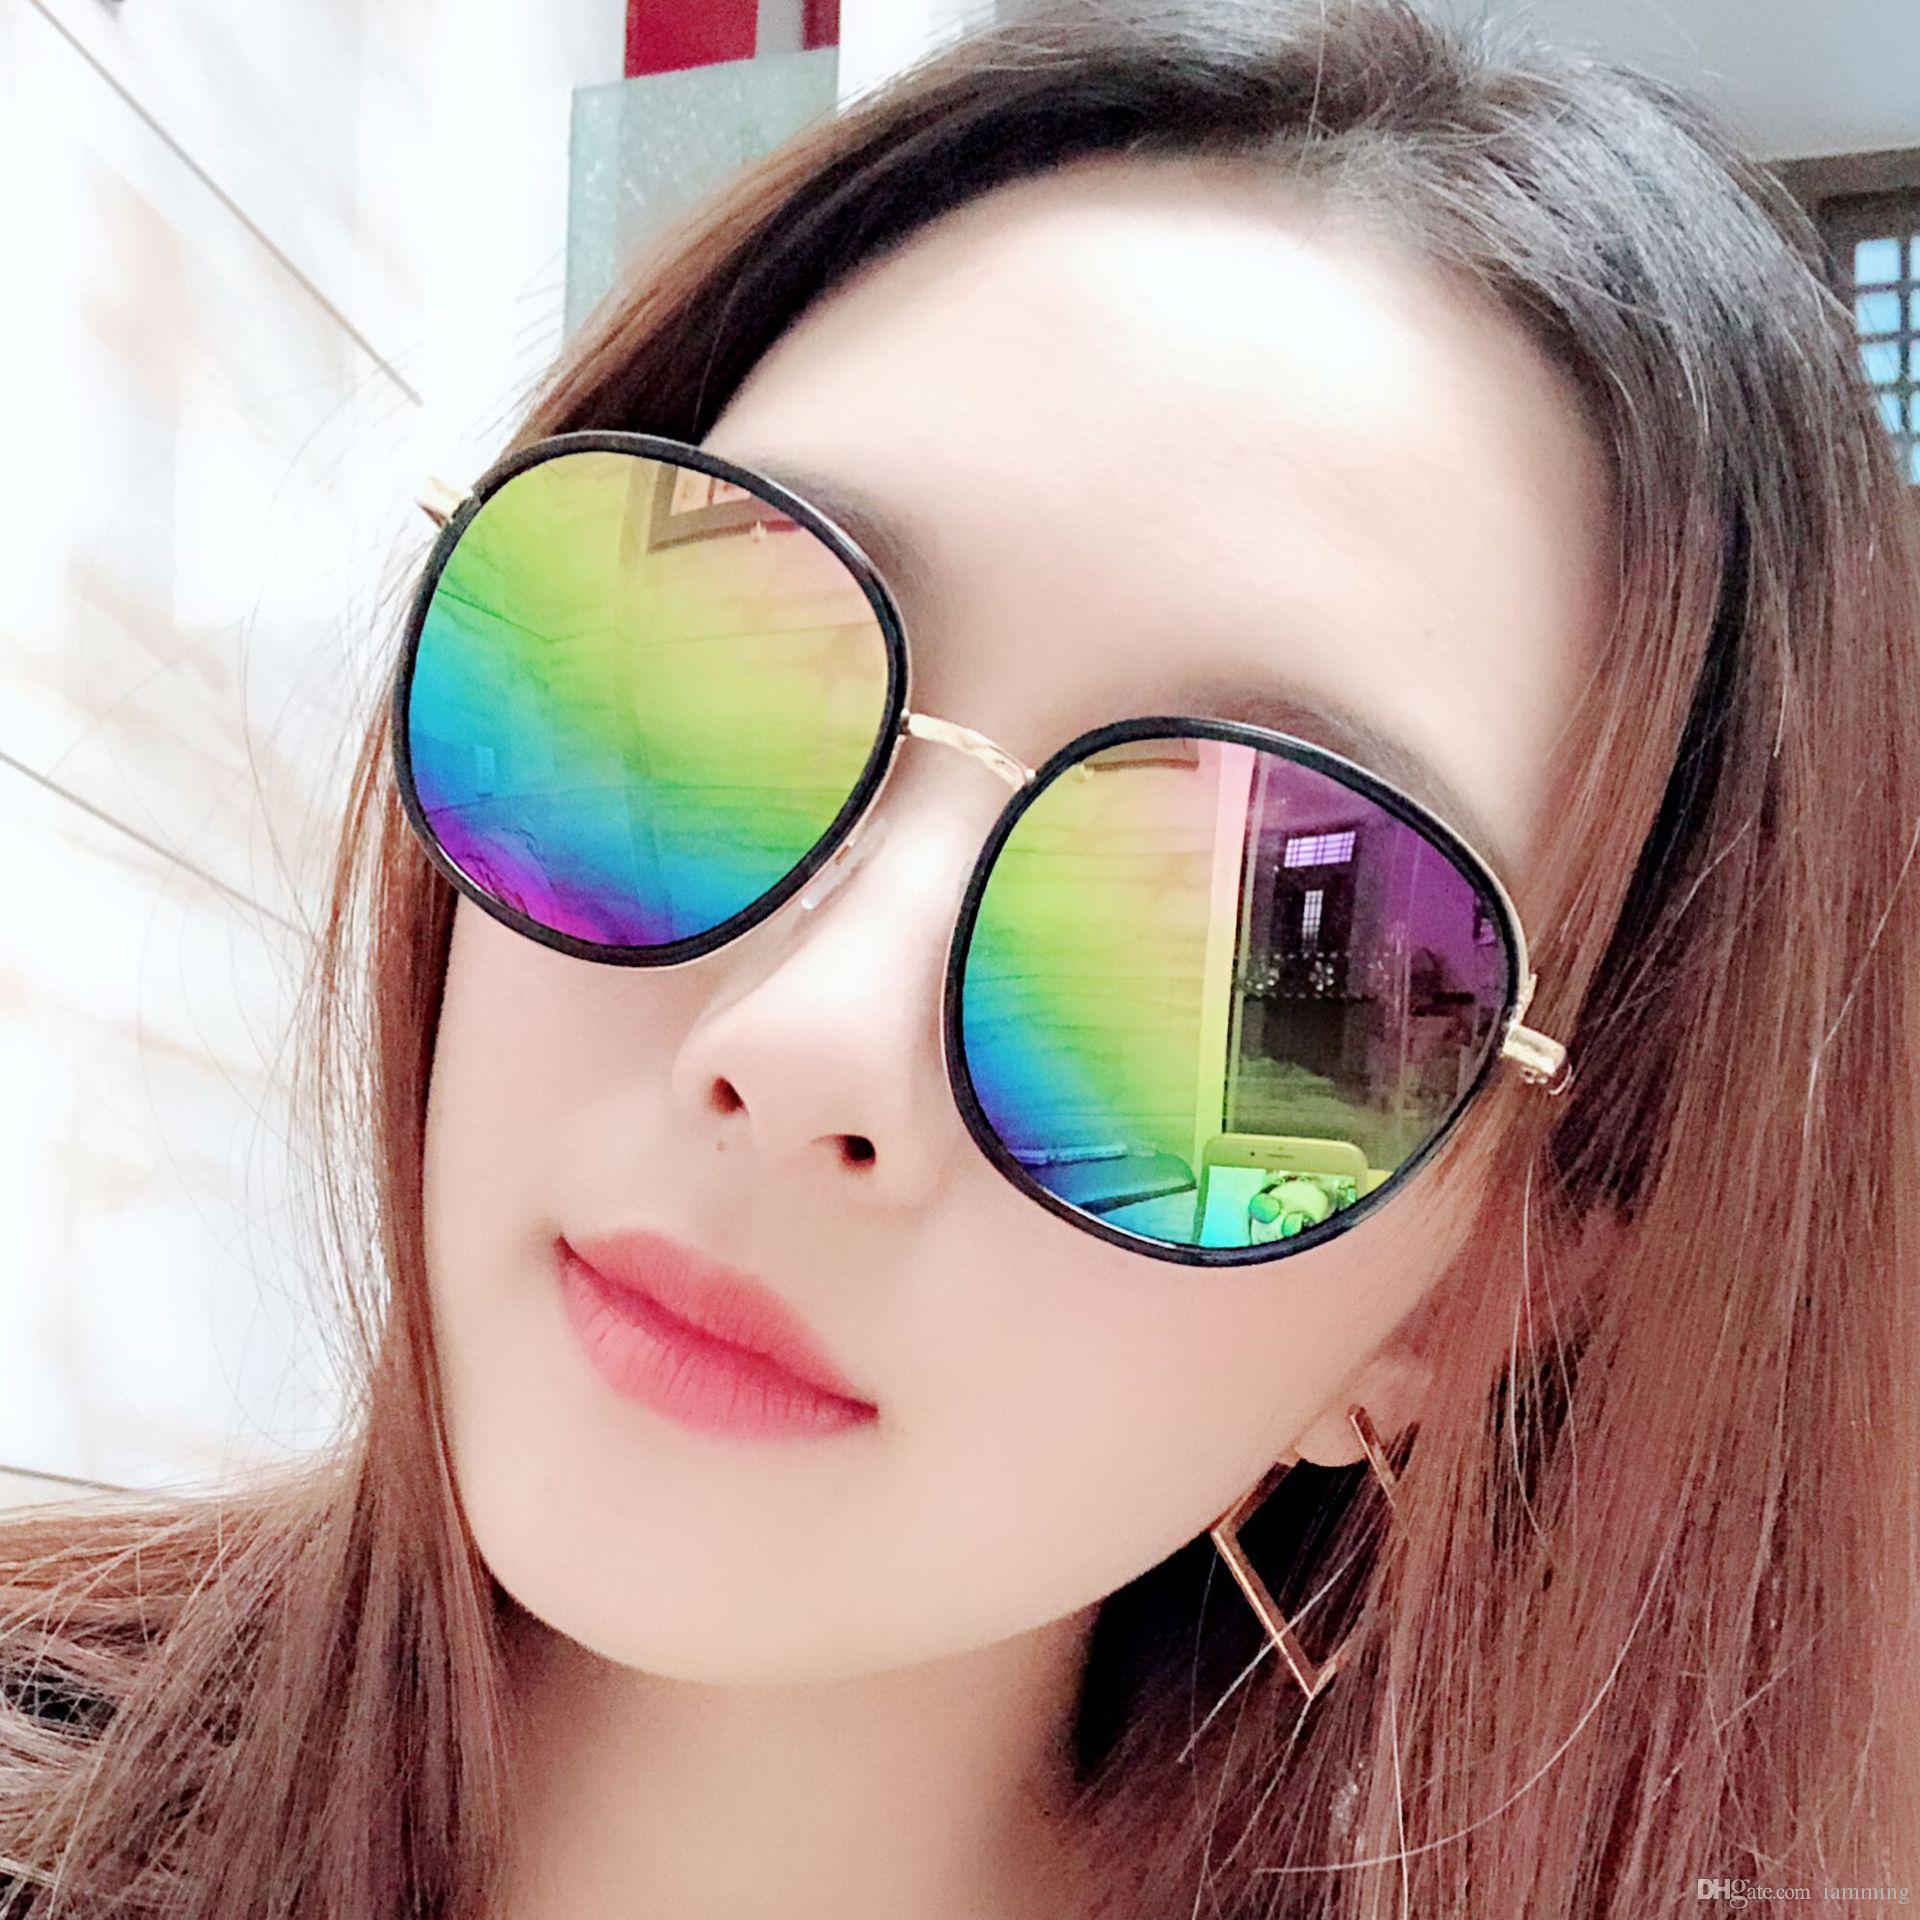 Lüks Kare Güneş Polarize Kadınlar Marka Tasarımcı Retro Sürüş Güneş Gözlükleri İçin Kadınlar Lady Erkekler Kadın Sunglass Ayna